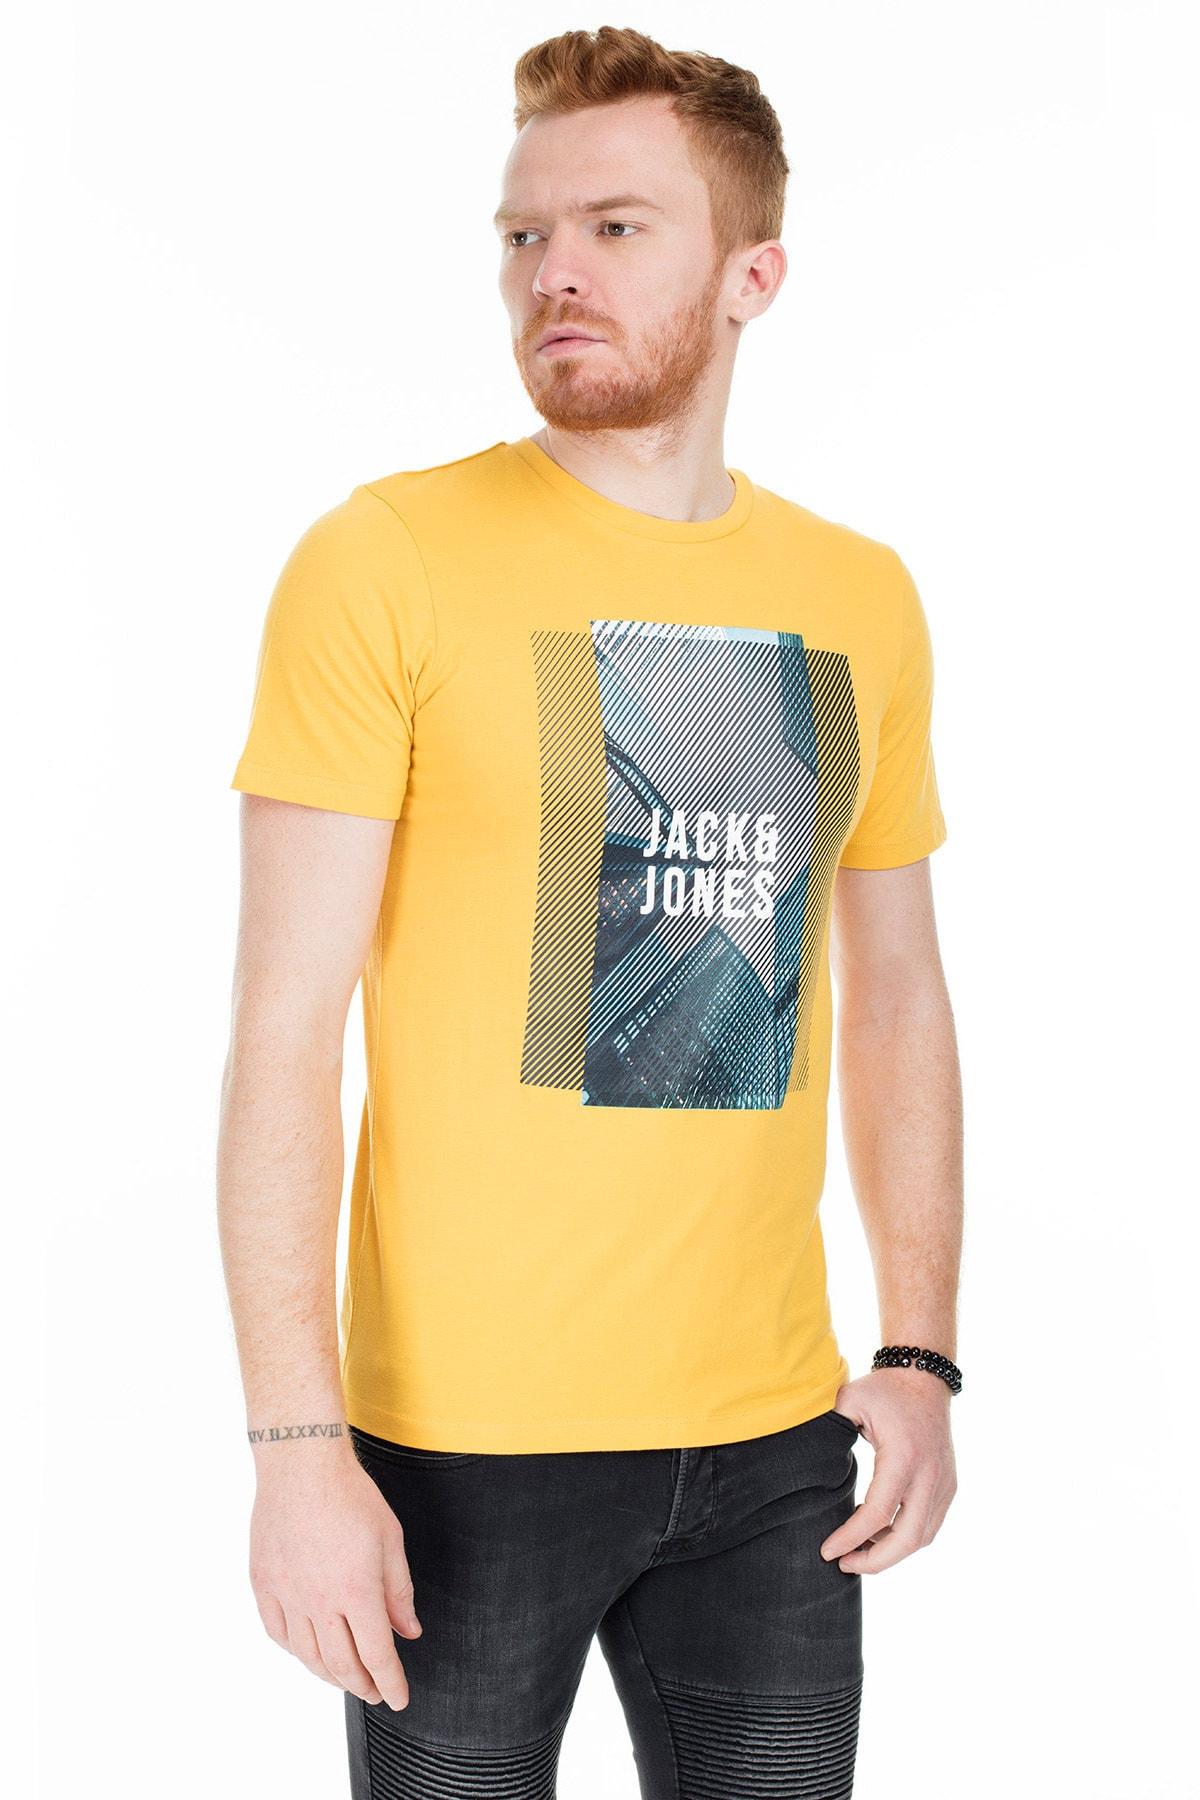 Jack & Jones T-Shirt - Lee Core Tee Ss 12179376 1